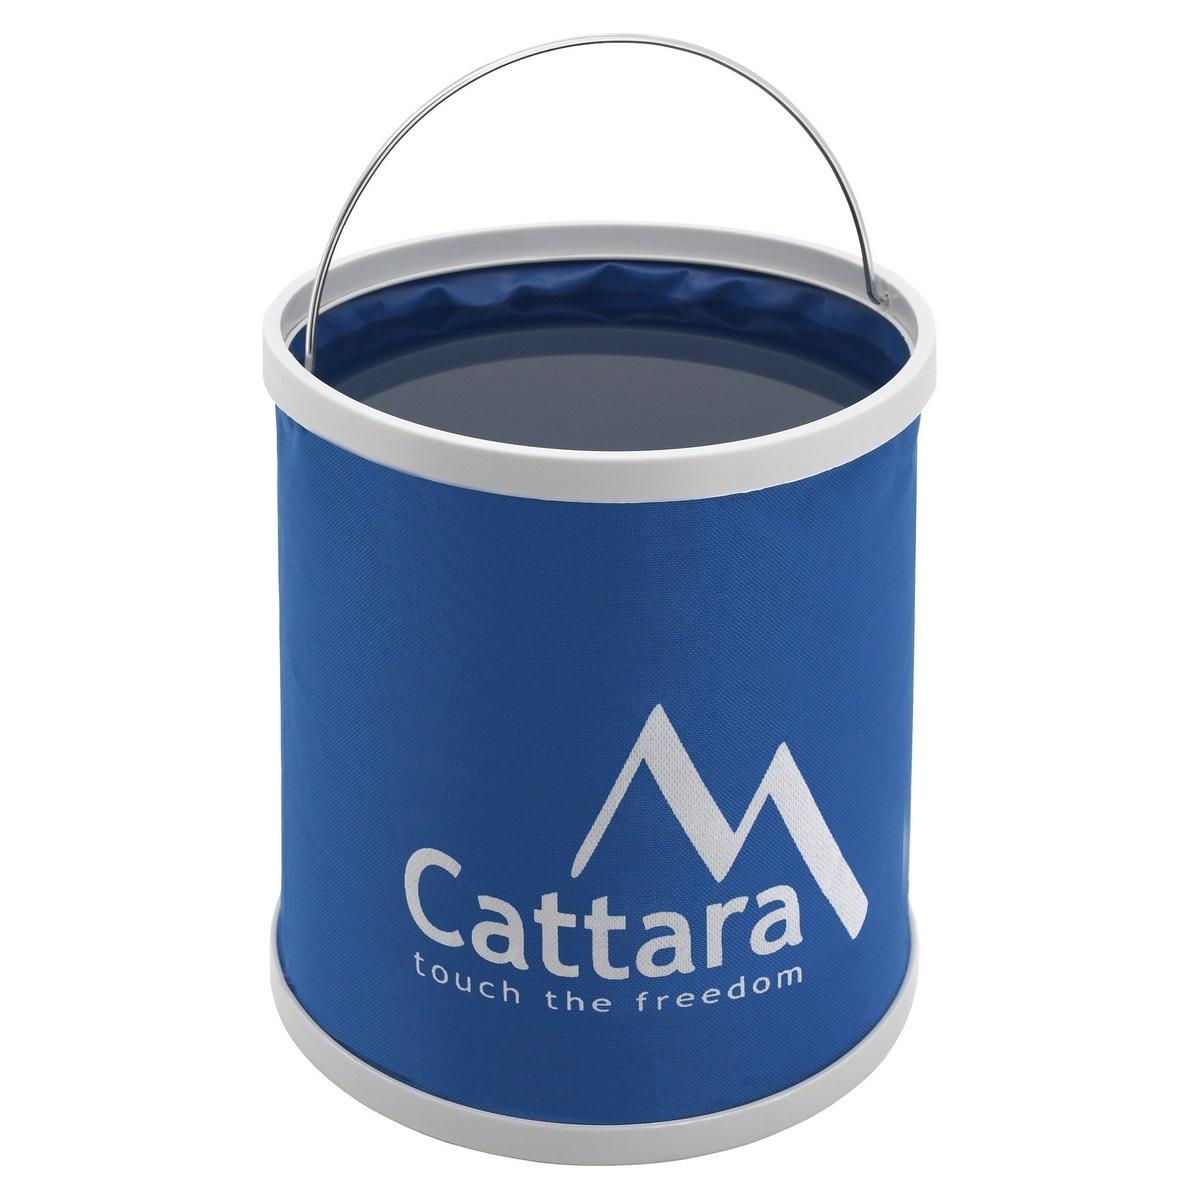 Cattara Nádoba na vodu skládací 9 litrů